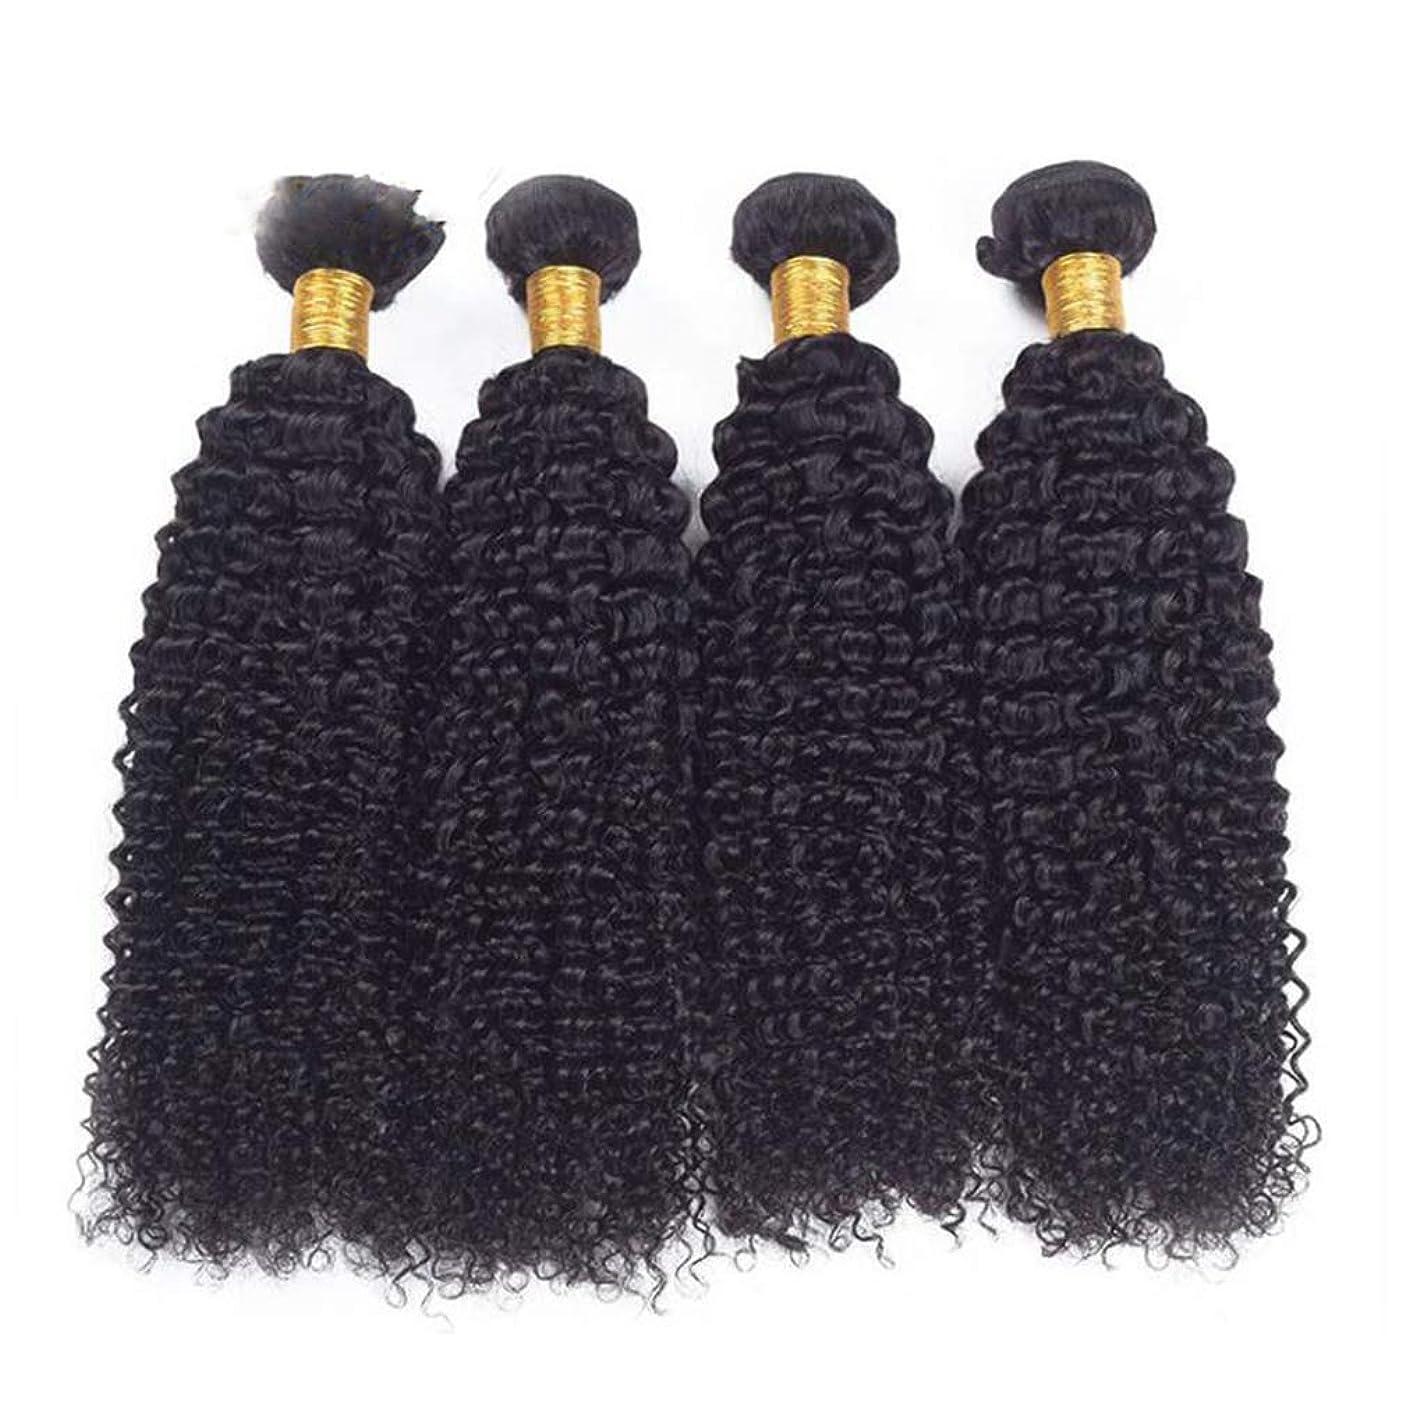 シュートスペシャリスト尊敬巻き毛のかつらブラジルの倒錯した巻き毛の髪のバンドルかつら人間の自然な色 (100 +/-5g)/pc (8-24 インチ)